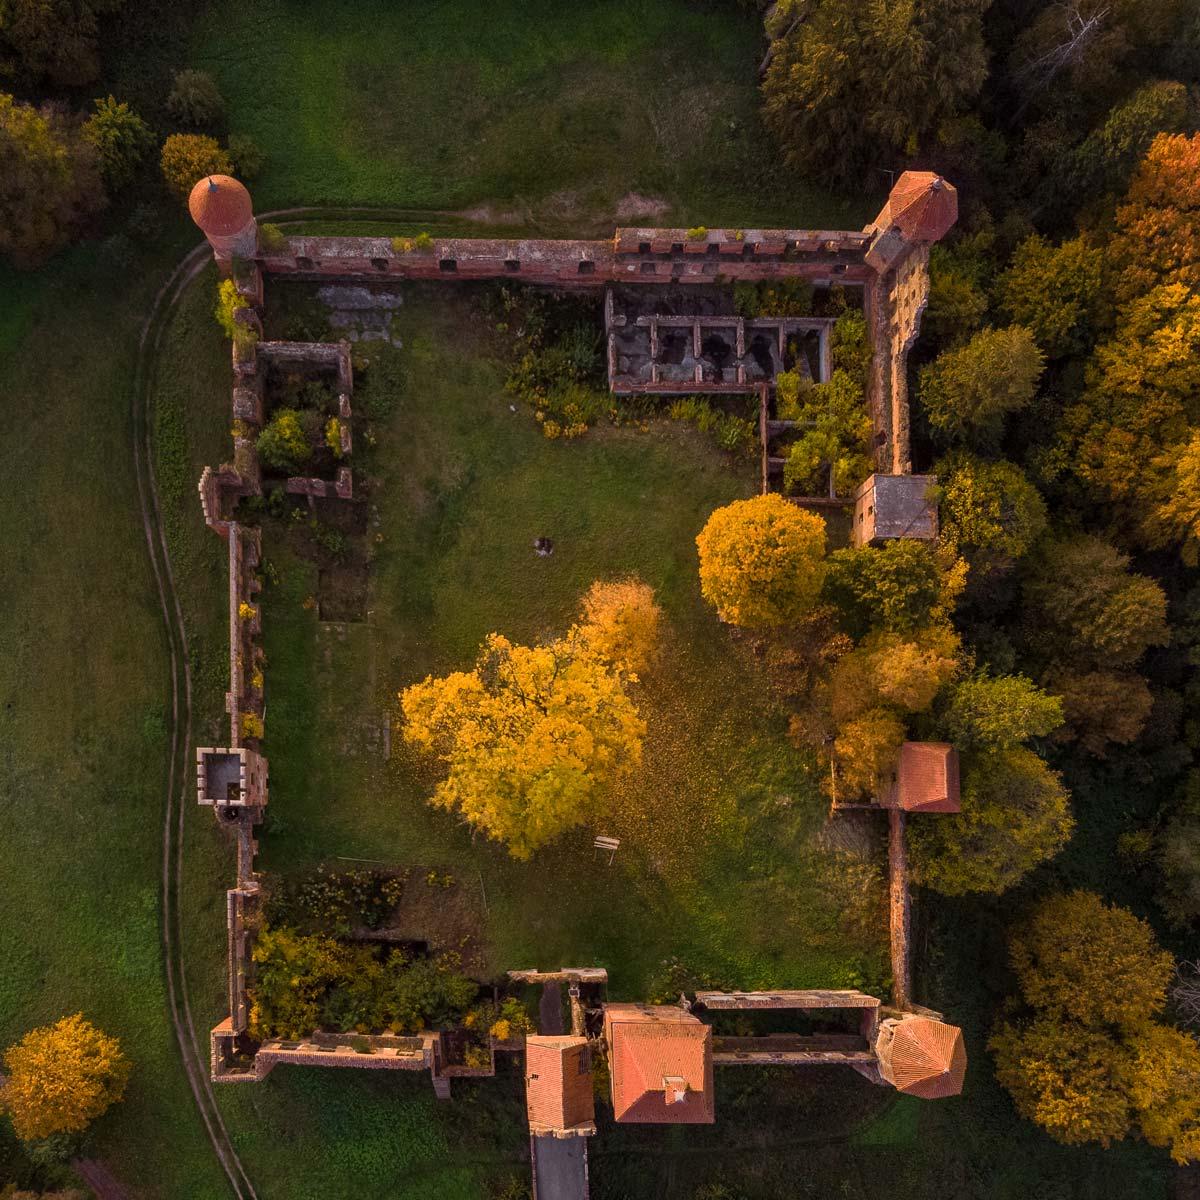 Zdjęcie współczesne ruin zamku. Widok na zamek z góry. Fotografia z drona. Zdjęcie przedstawia rzut zamku, widać na nim mury, 3 baszty, dach przejazdu bramnego, kaplicy oraz dwa drzewa na dziedzińcu i ruiny zamkowych budowli mieszkalnych. Po lewej stronie zamku widać gruntową drogę, a po prawej drzewa z zagajnika zamkowego. Zdjęcie zostało wykonane o zachodzie słońca, ma intensywną słoneczną poświatę.